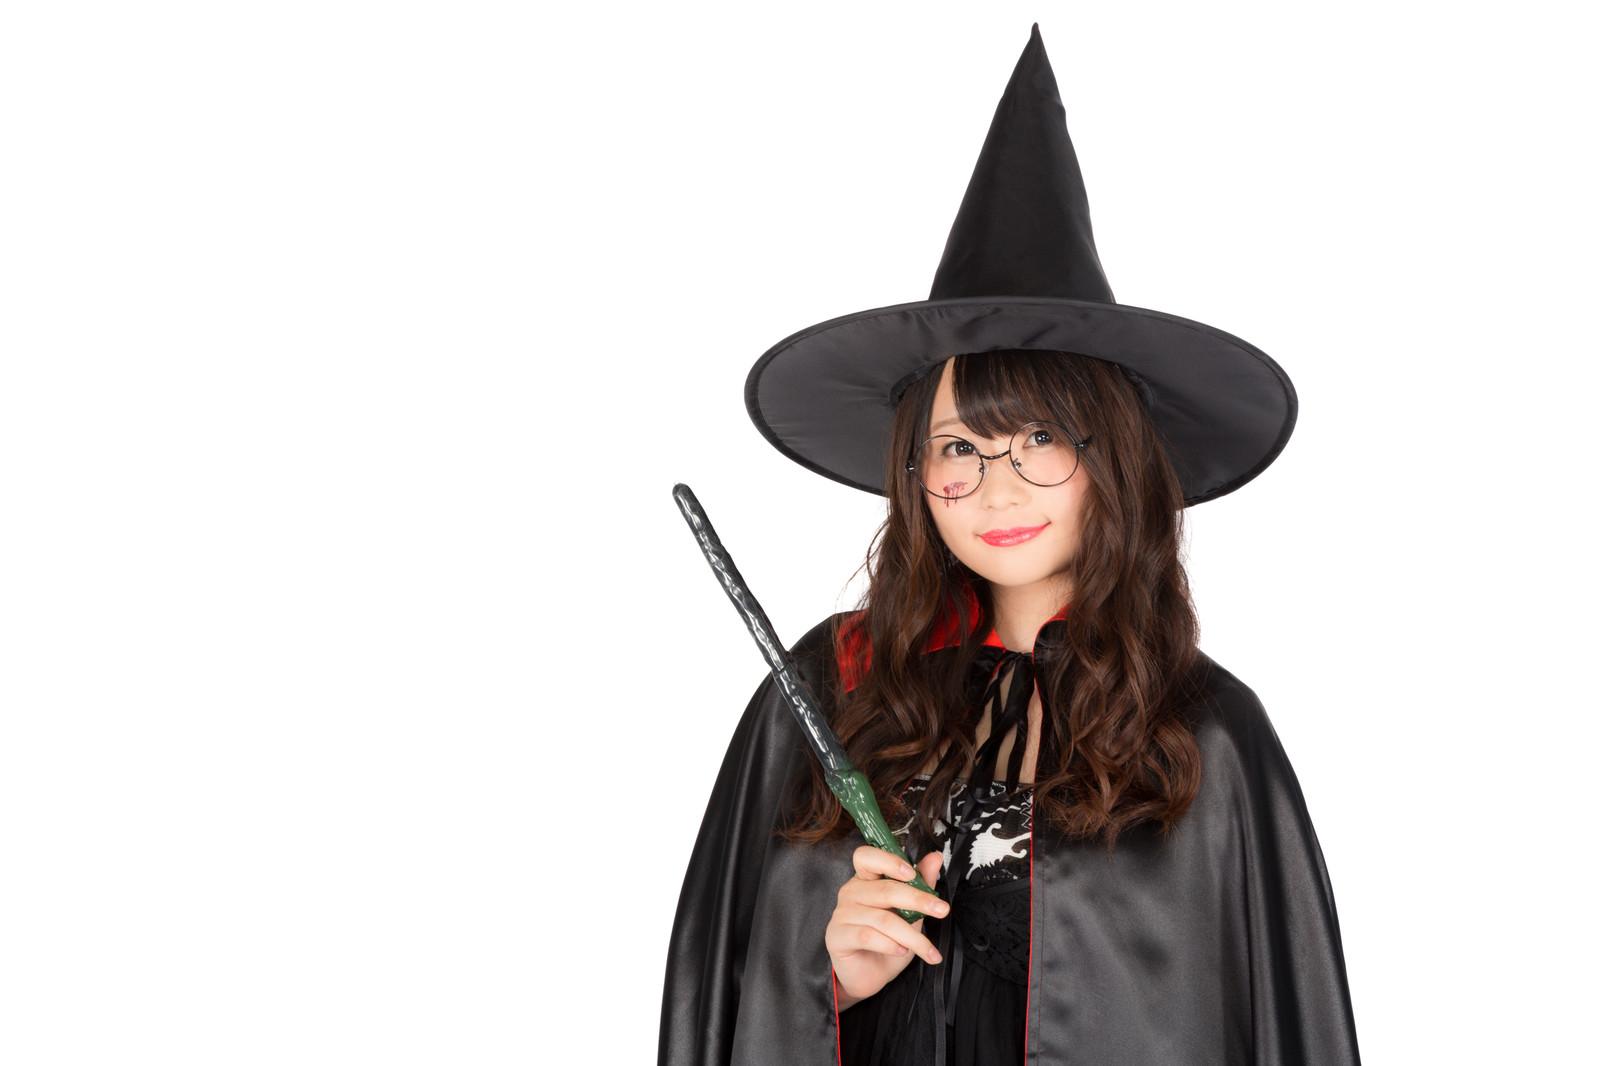 占い師の集客について指導している魔女の恰好をした女性の画像